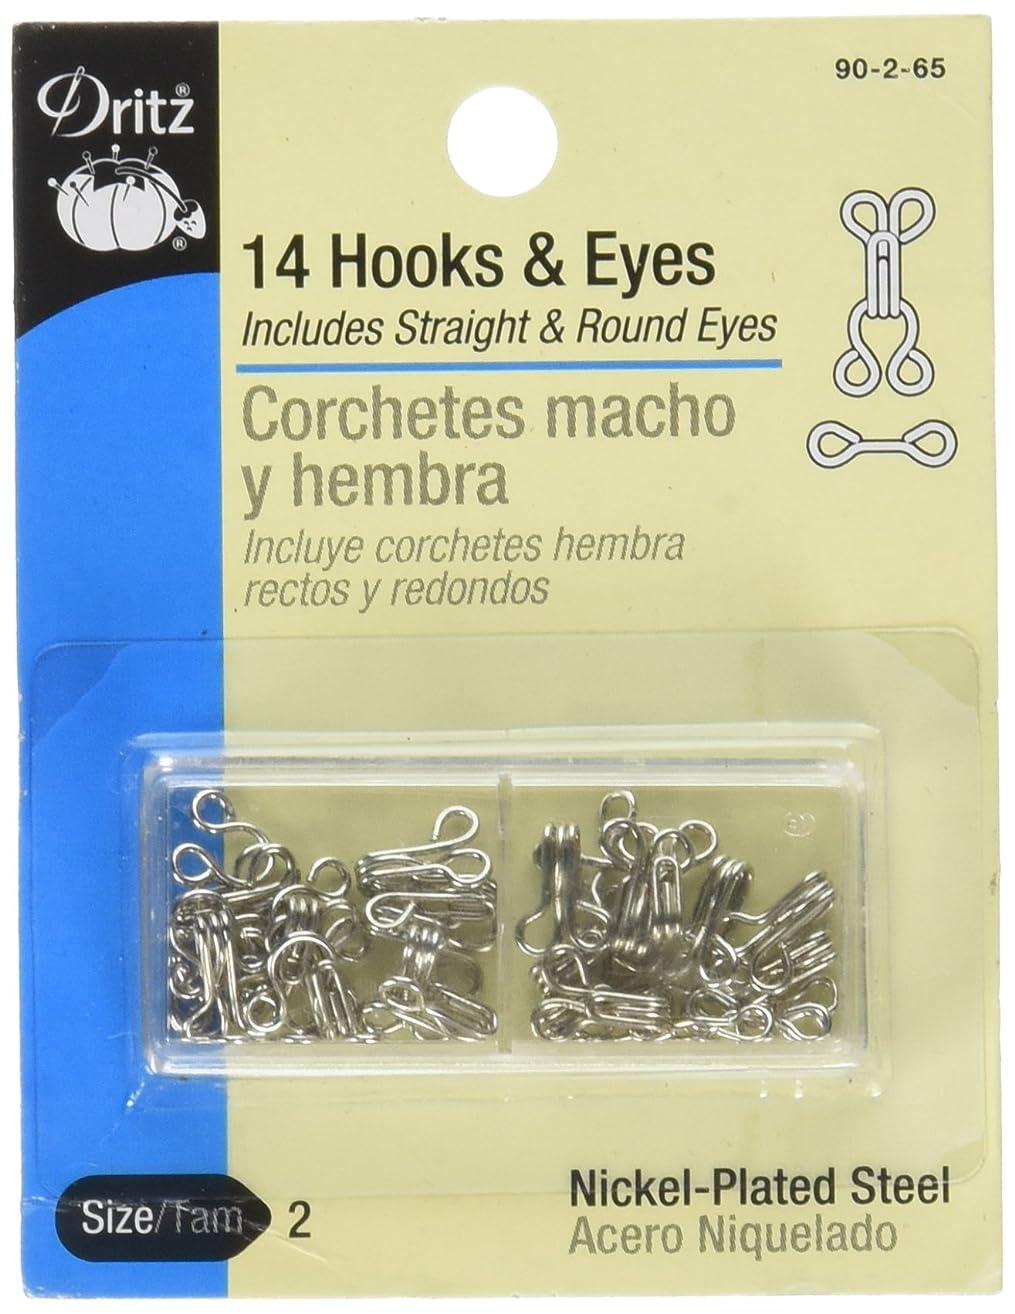 Dritz 90-2-65 Hook & Eye Closures, Nickel, Size 2 14-Count